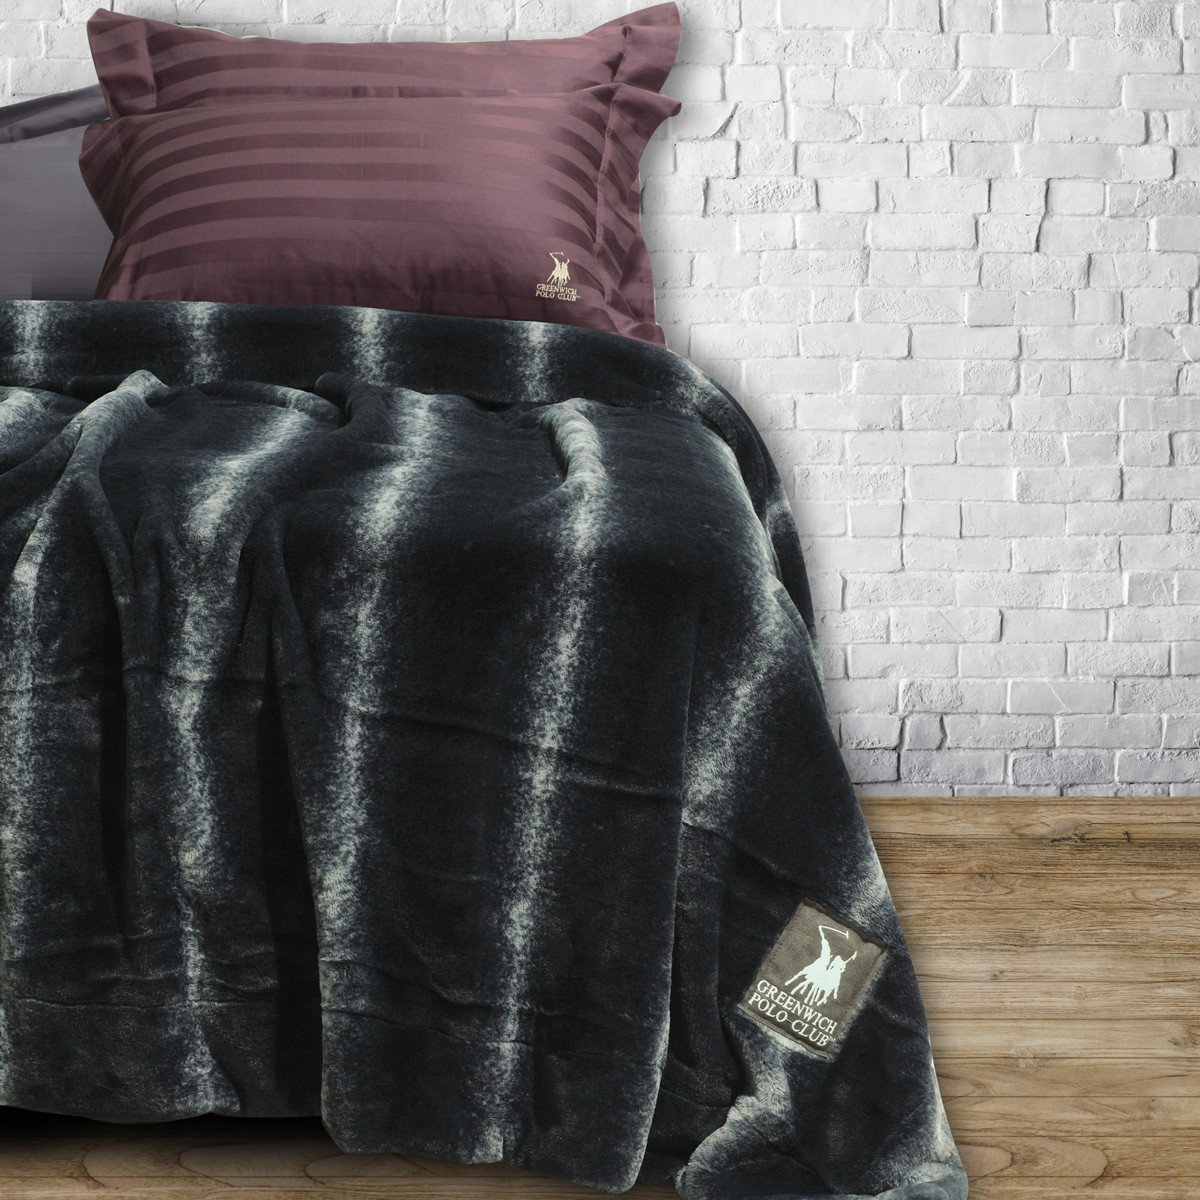 Κουβέρτα Γούνινη Υπέρδιπλη Polo Club Premium Faux Fur 2407 home   κρεβατοκάμαρα   κουβέρτες   κουβέρτες γούνινες   μάλλινες